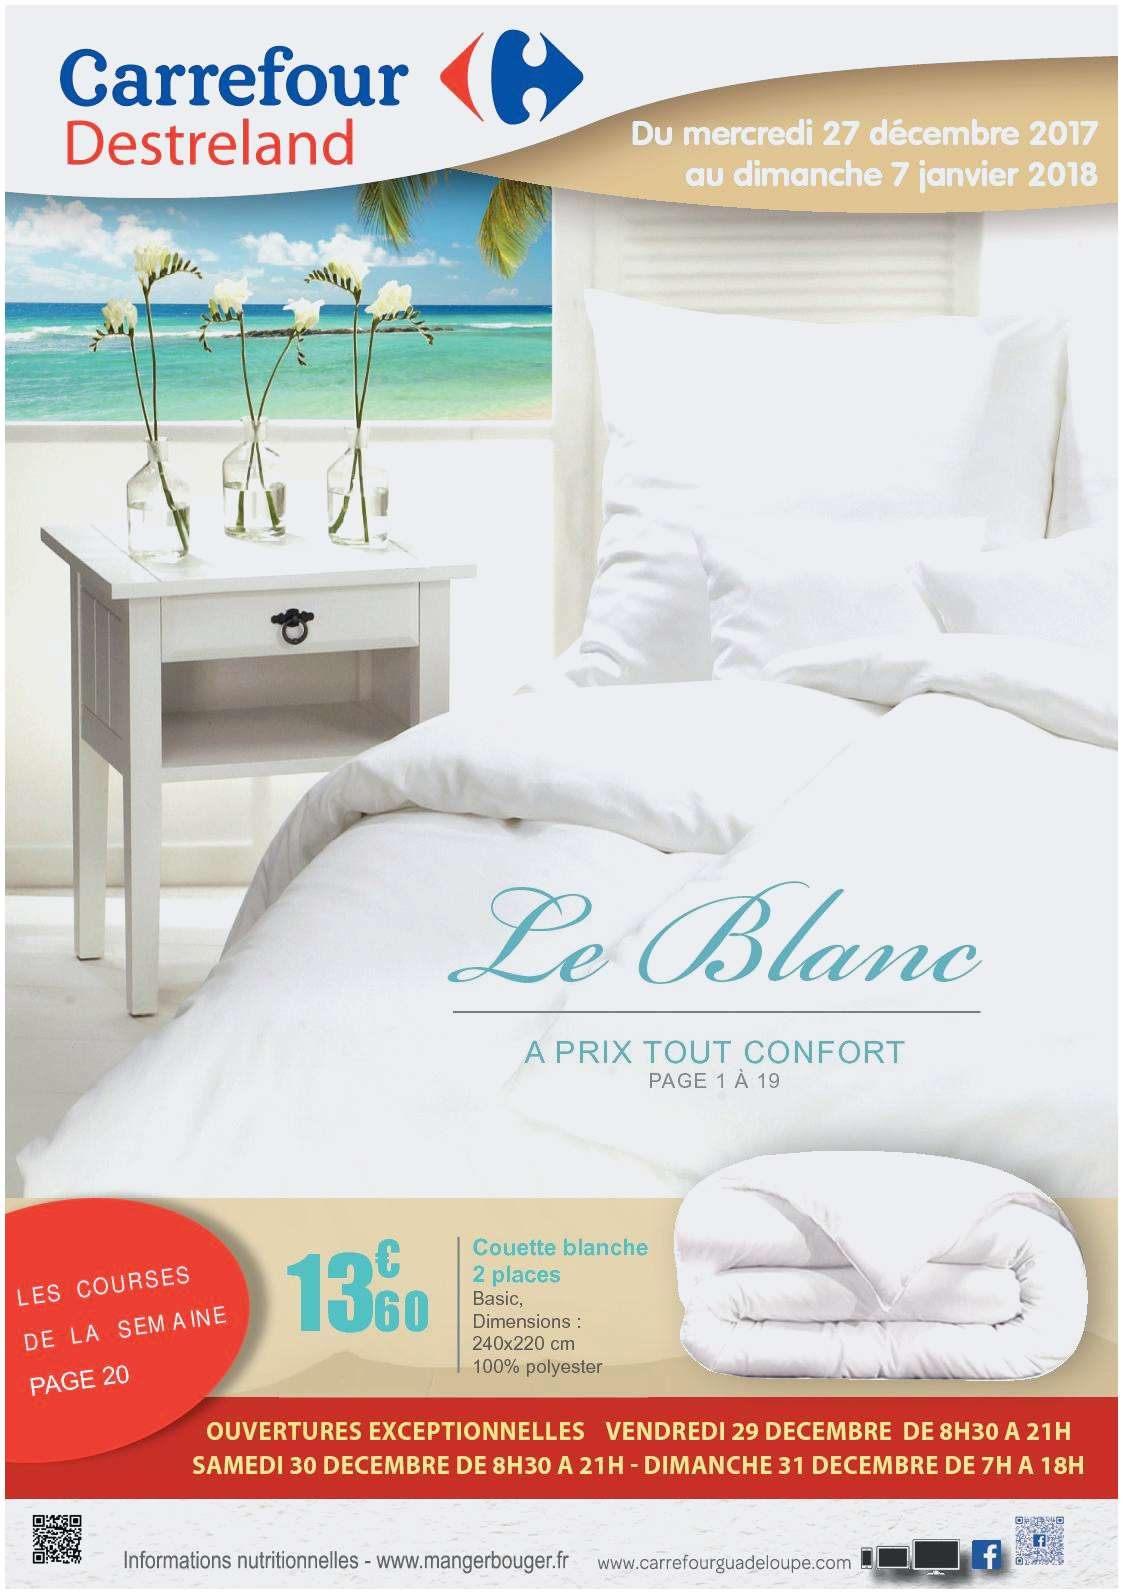 Linge De Lit Flanelle Charmant Nouveau Drap Flanelle Carrefour Inspirant Carrefour Parure De Lit